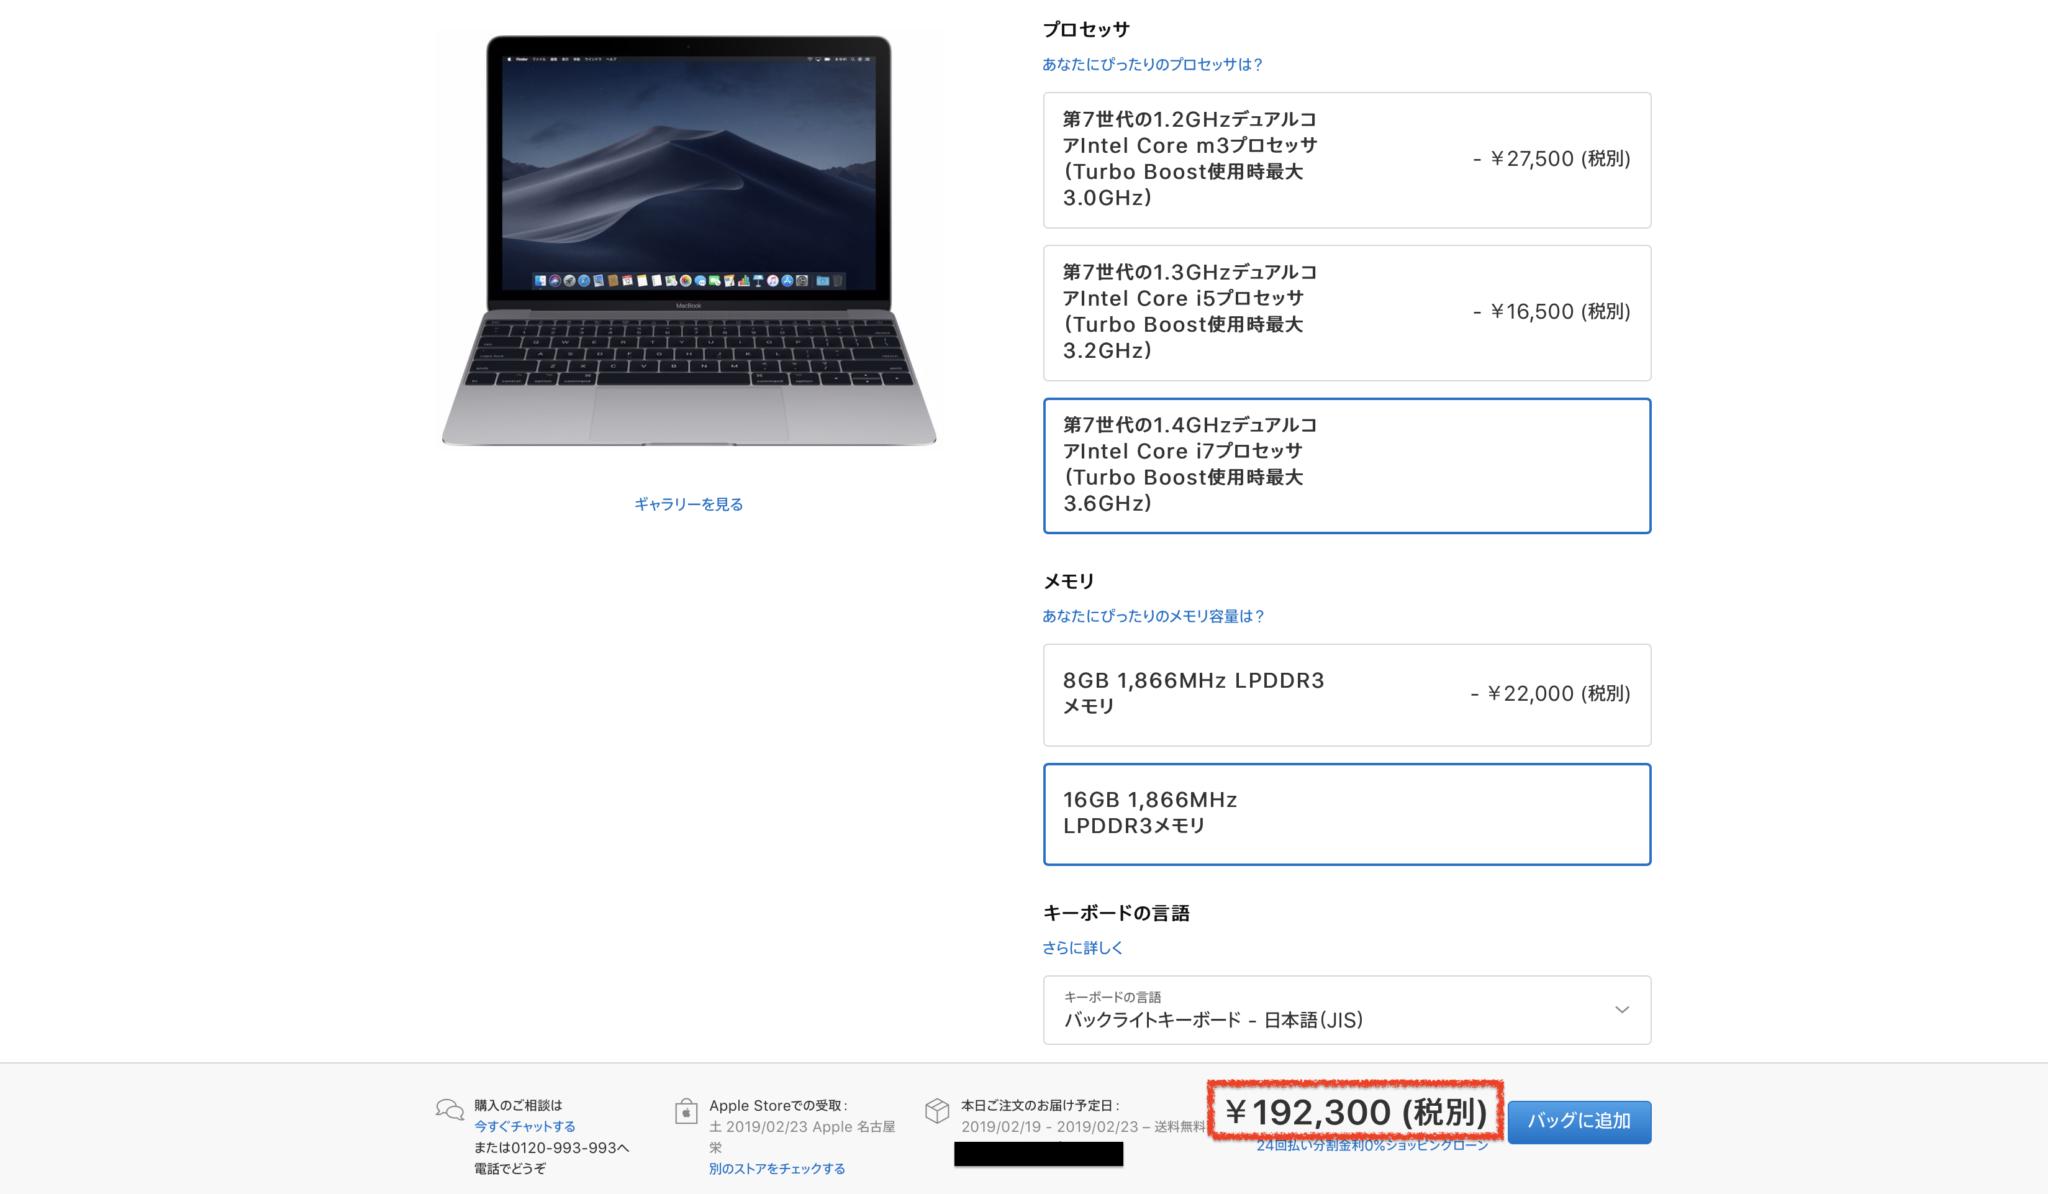 MacBook カスタマイズ